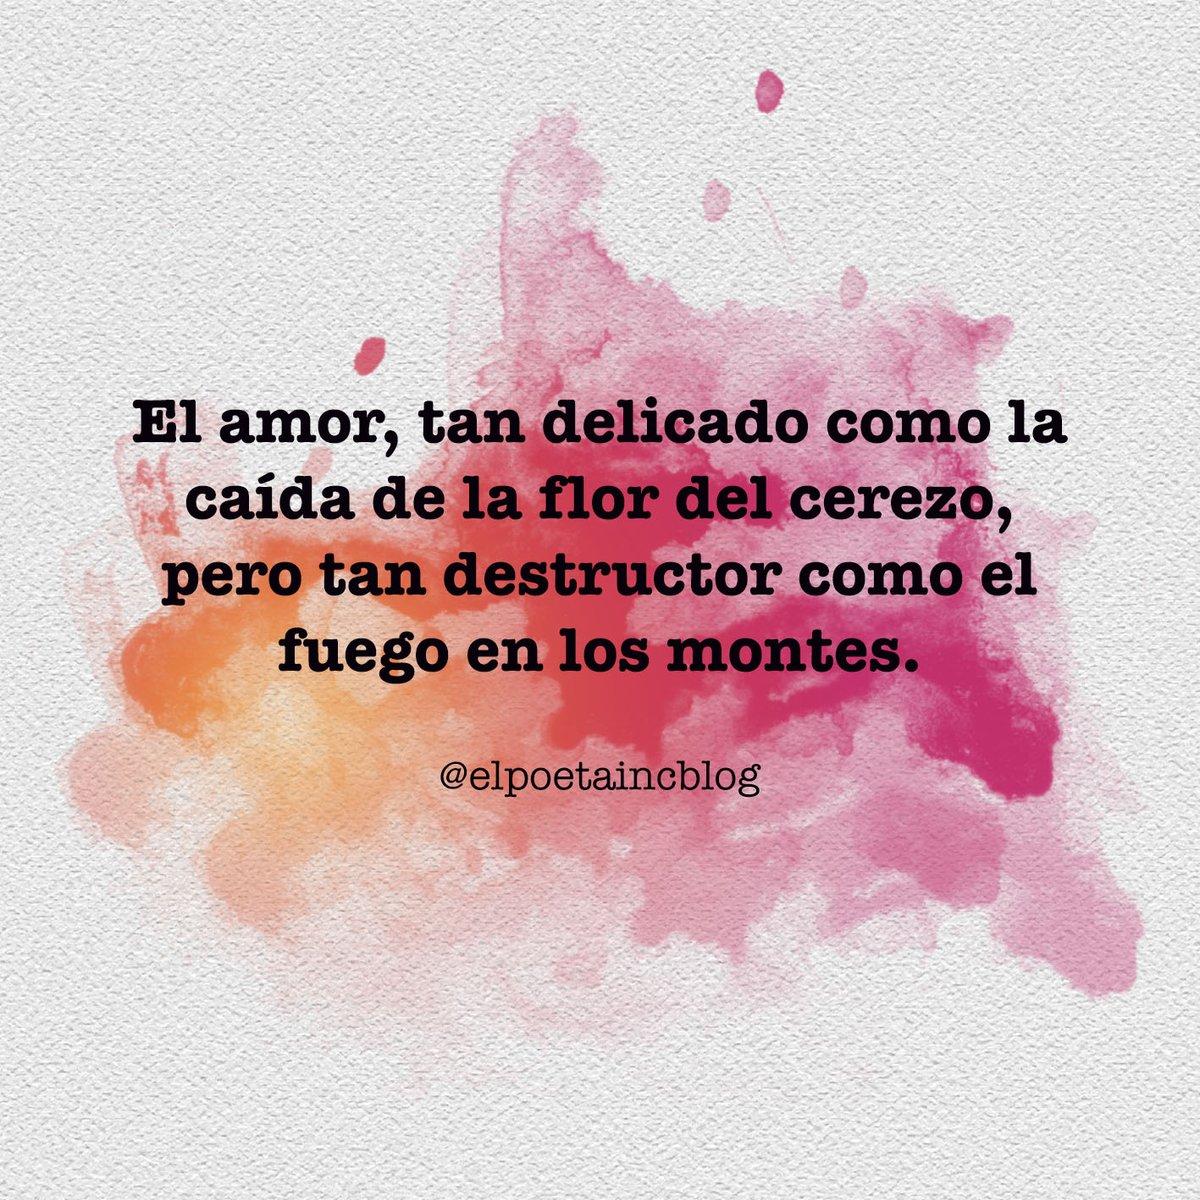 Amor elpoetaincblog elpoetain prendido frases frasesbonitas frasesdeamor MXbKgnf3 hl=es&taken by=elpoetaincblog …